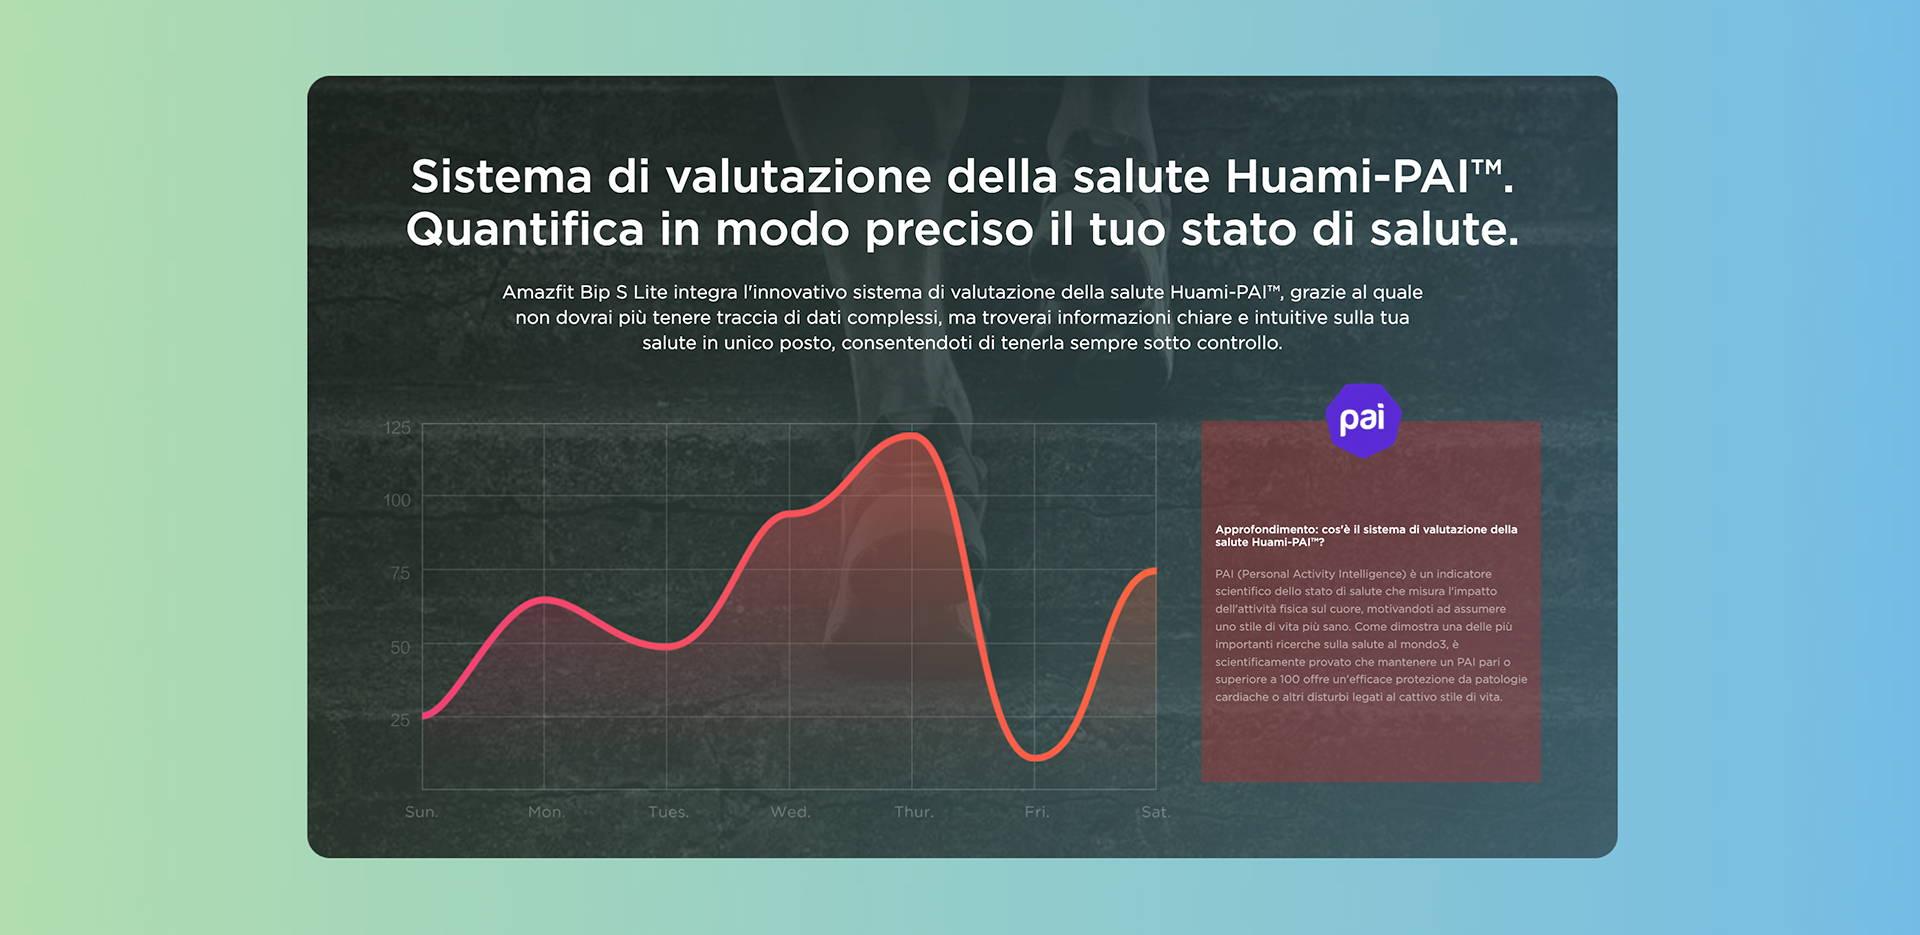 Amazfit IT - Amazfit Bip S Lite - Sistema di valutazione della salute Huami-PAI™. | Quantifica in modo preciso il tuo stato di salute.